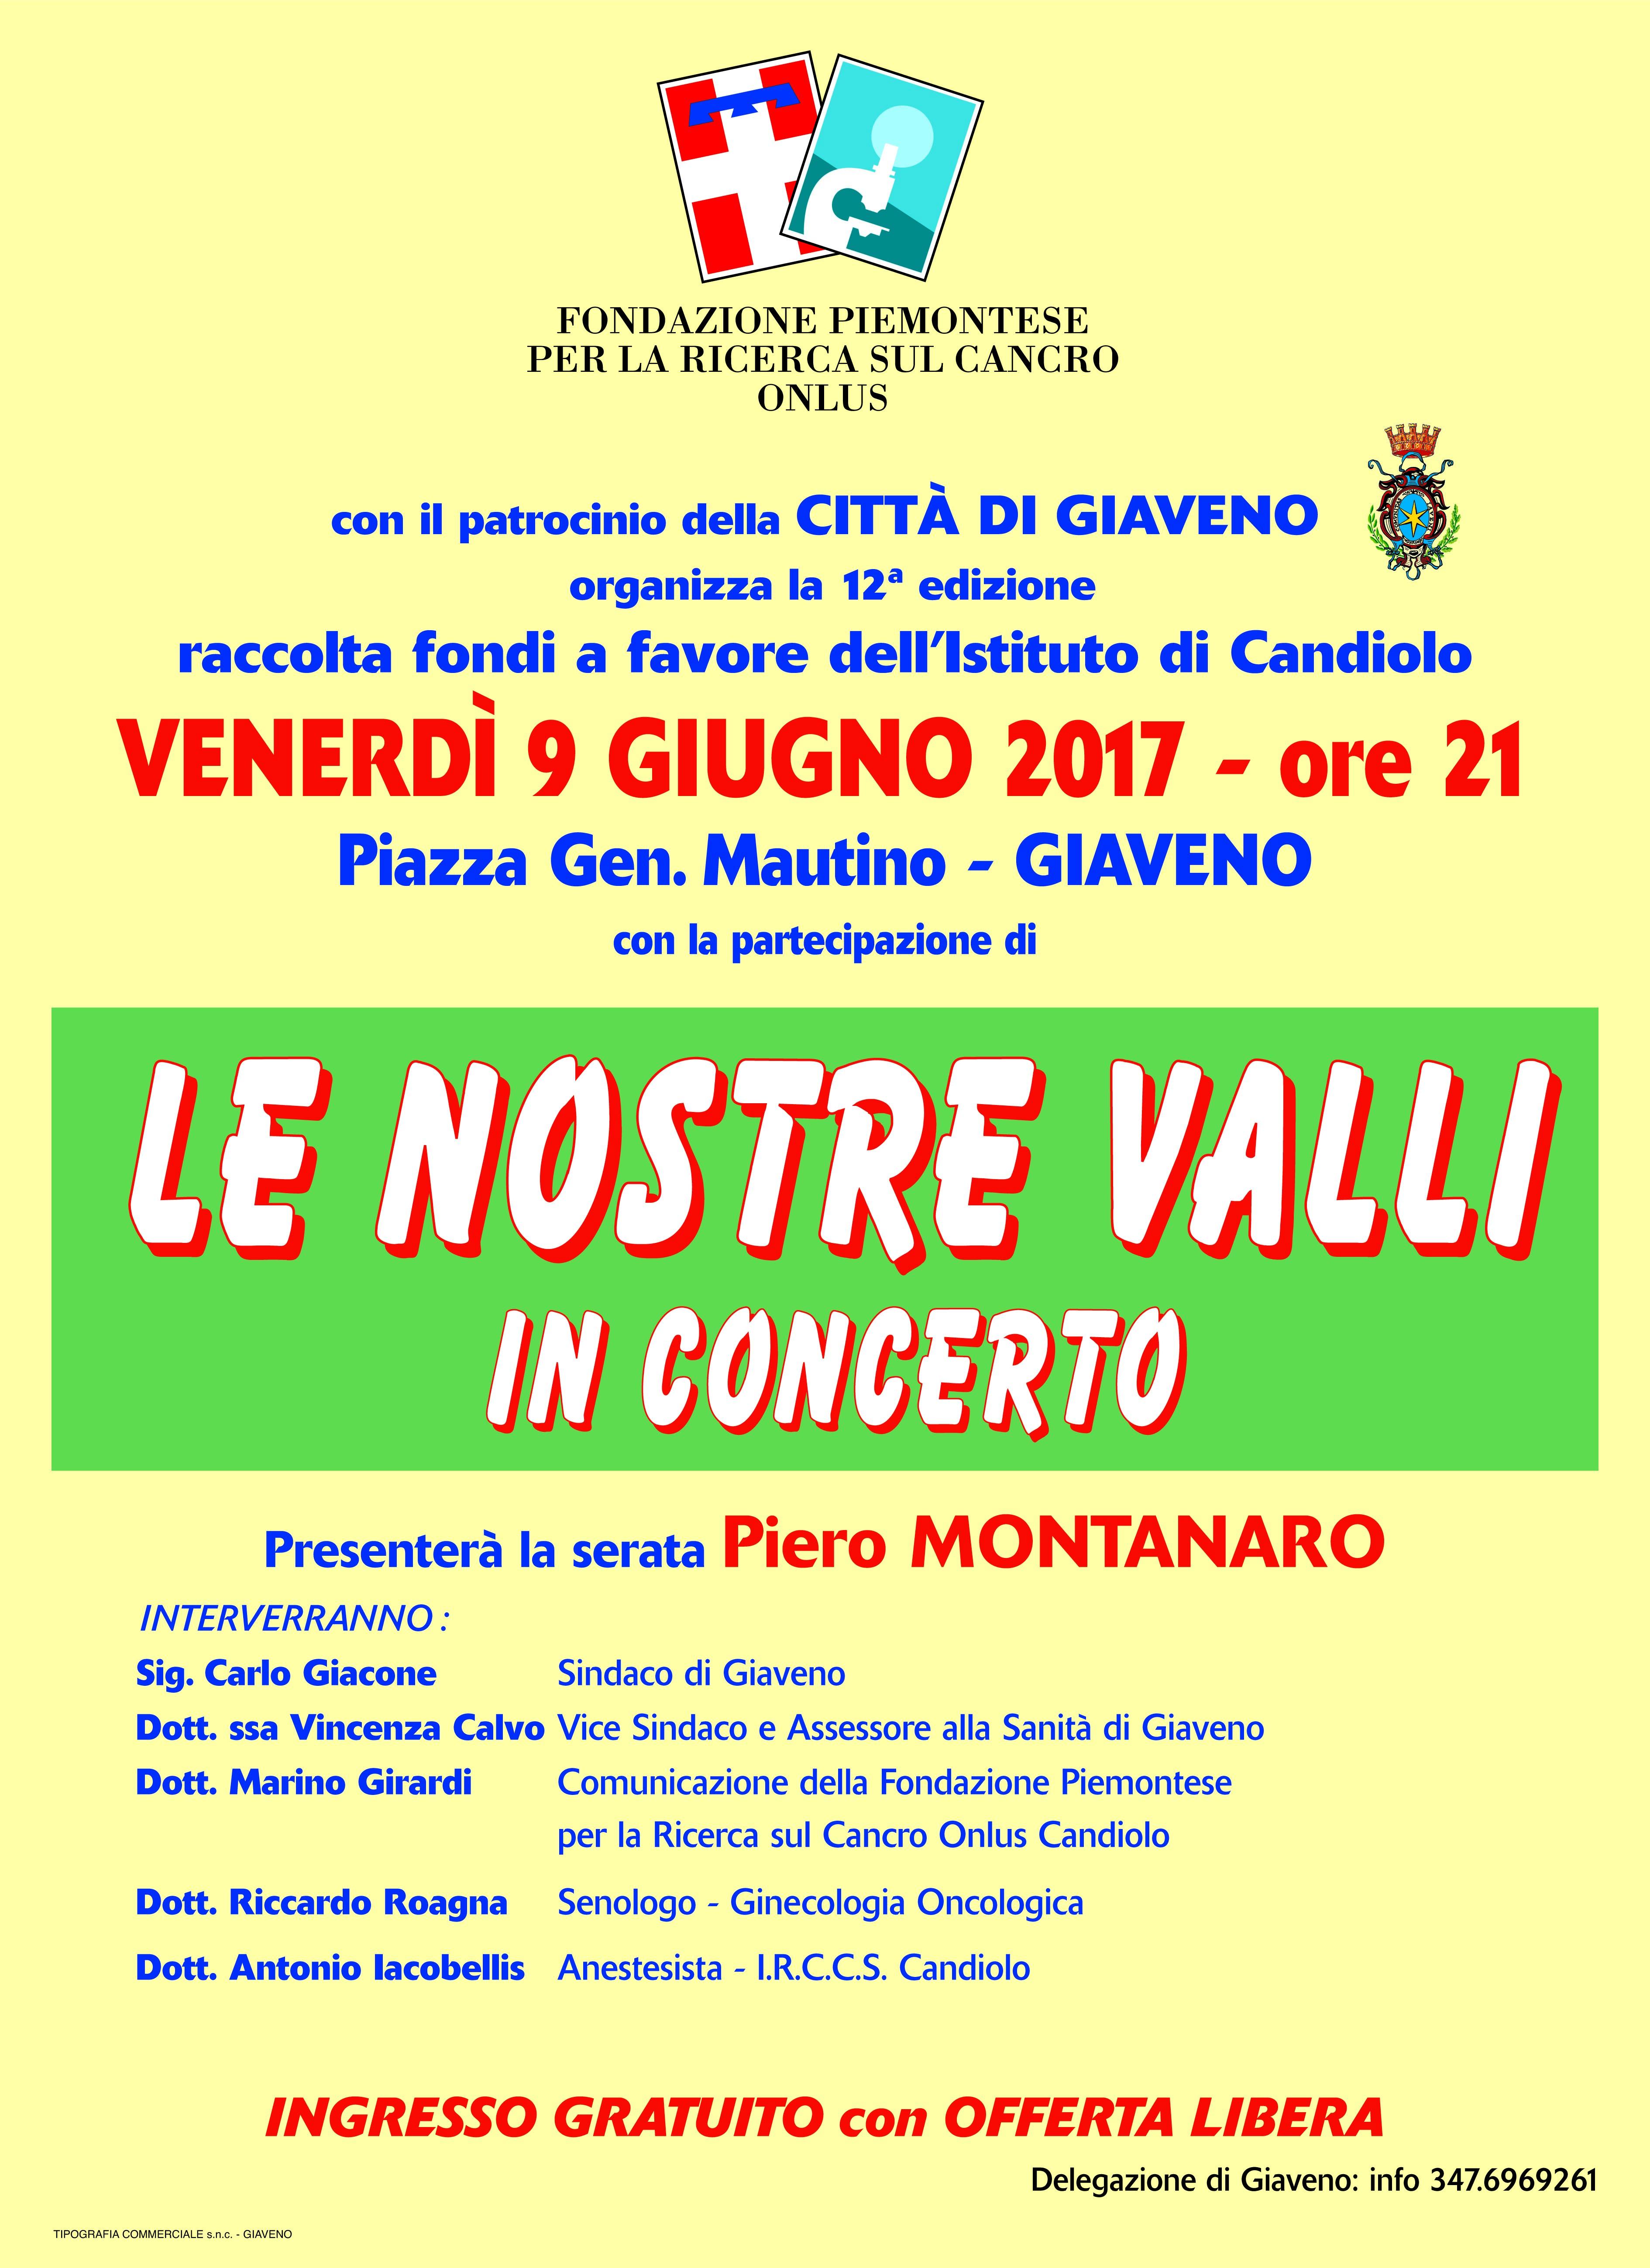 Le Nostre Valli in Concerto –  Venerdì 9 giugno 2017